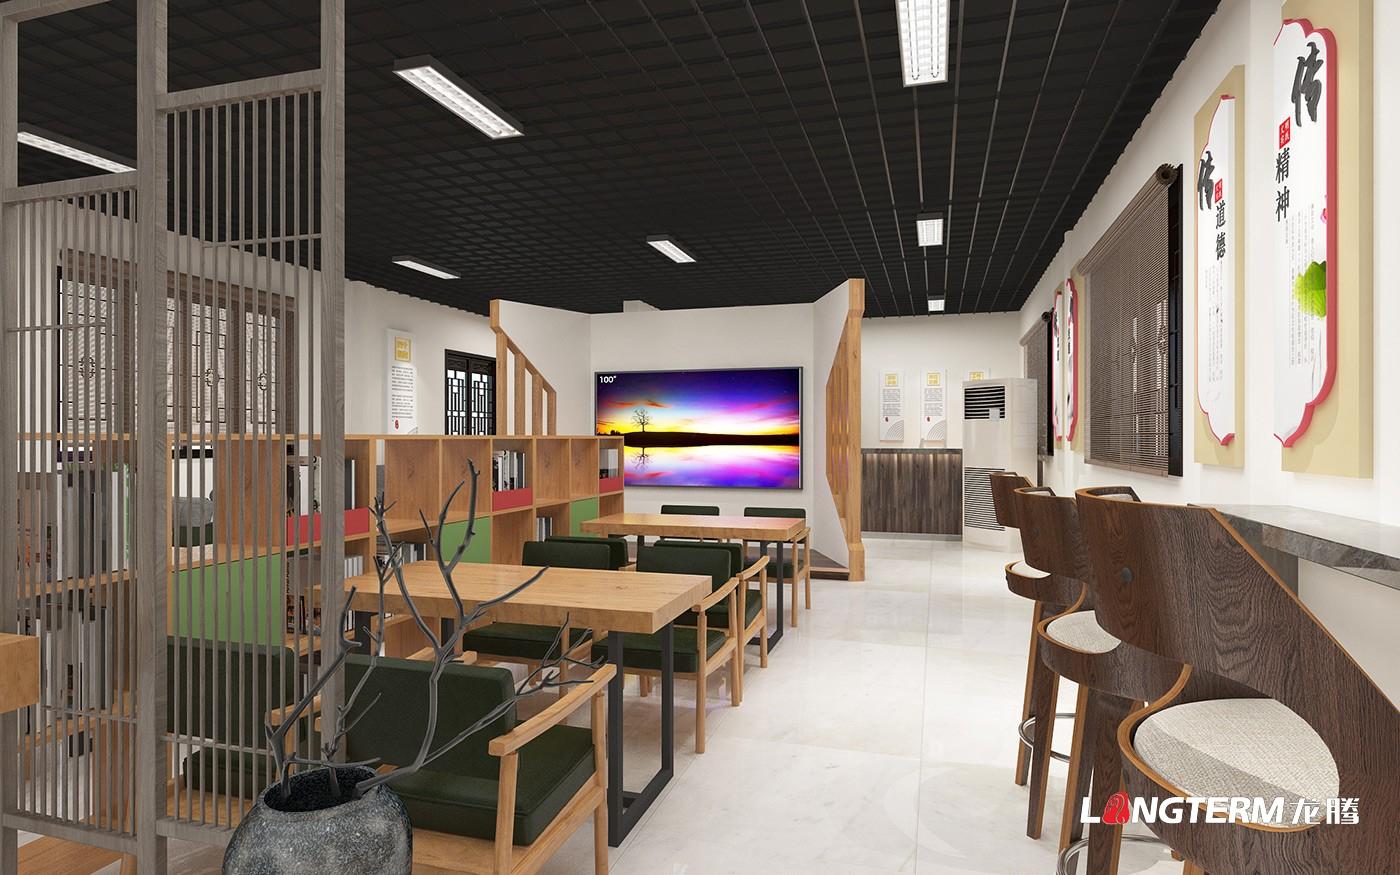 丹棱县新时代文明实践中心装饰设计效果图_ 新时代文明实践中心阵地展厅建设方案